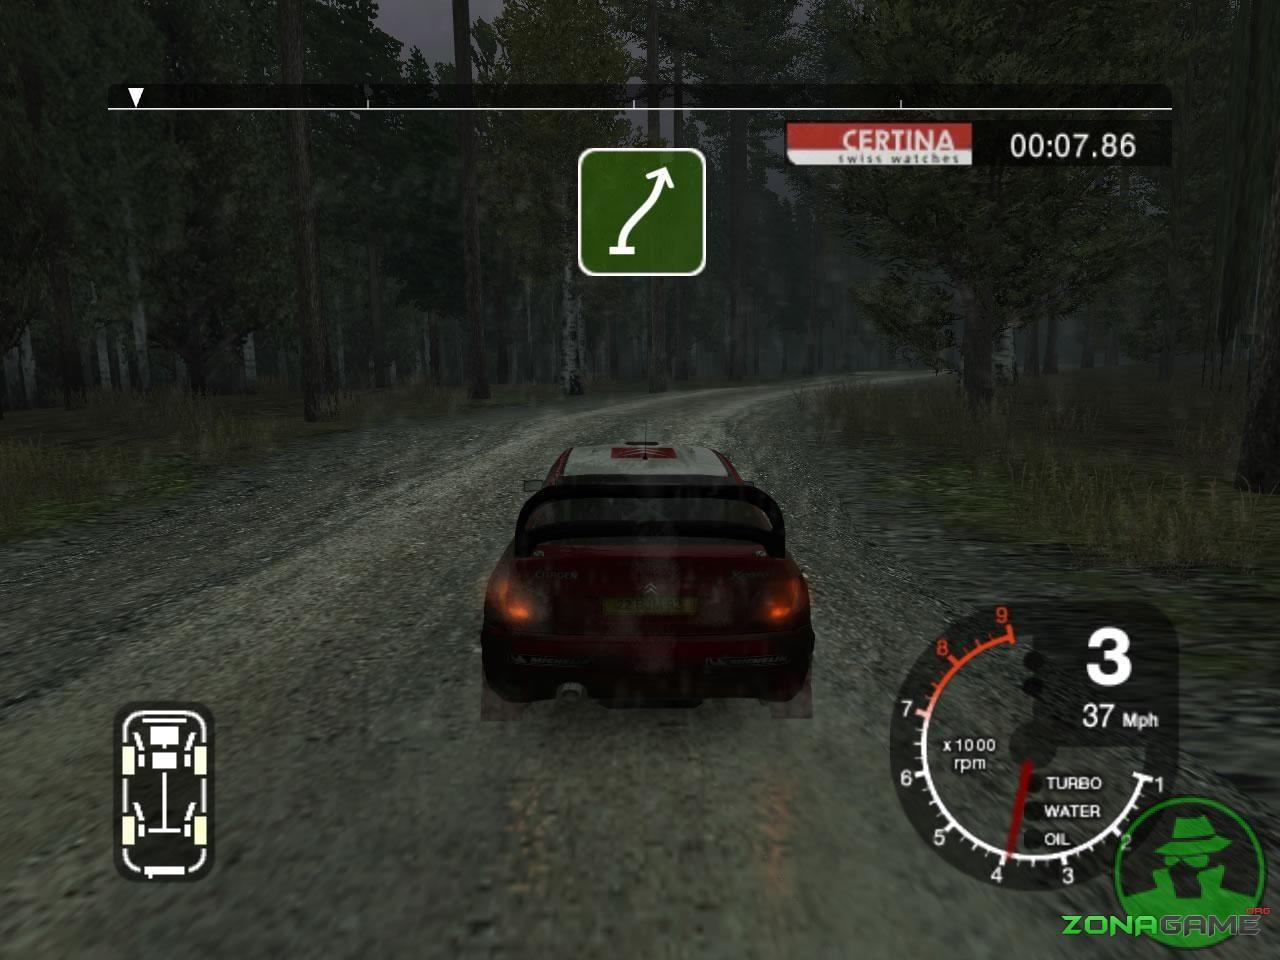 Скачать торрент colin mcrae rally 2005